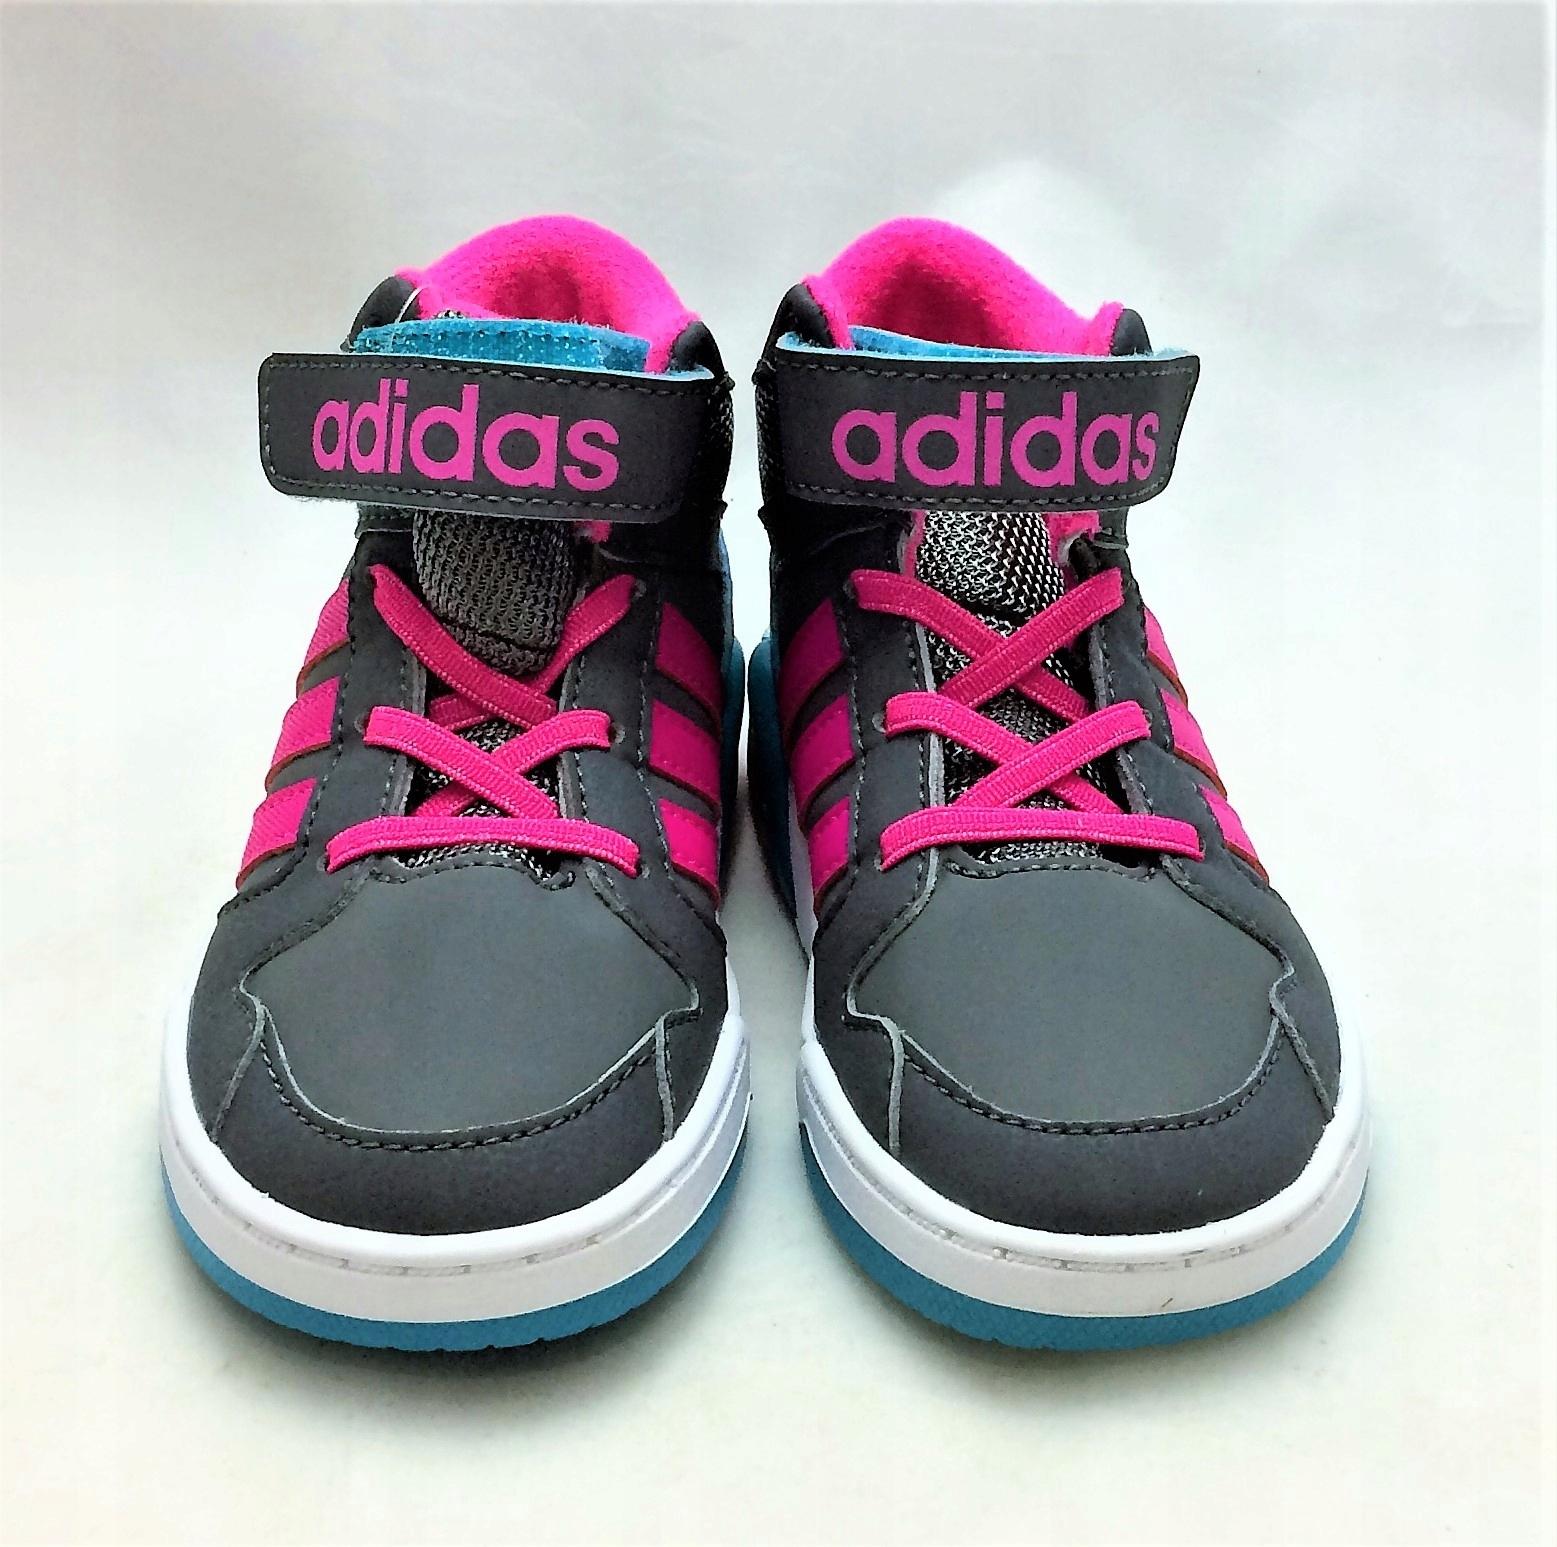 Adidas bb9tis mid inf bb9963 nowość r.26,5 Zdjęcie